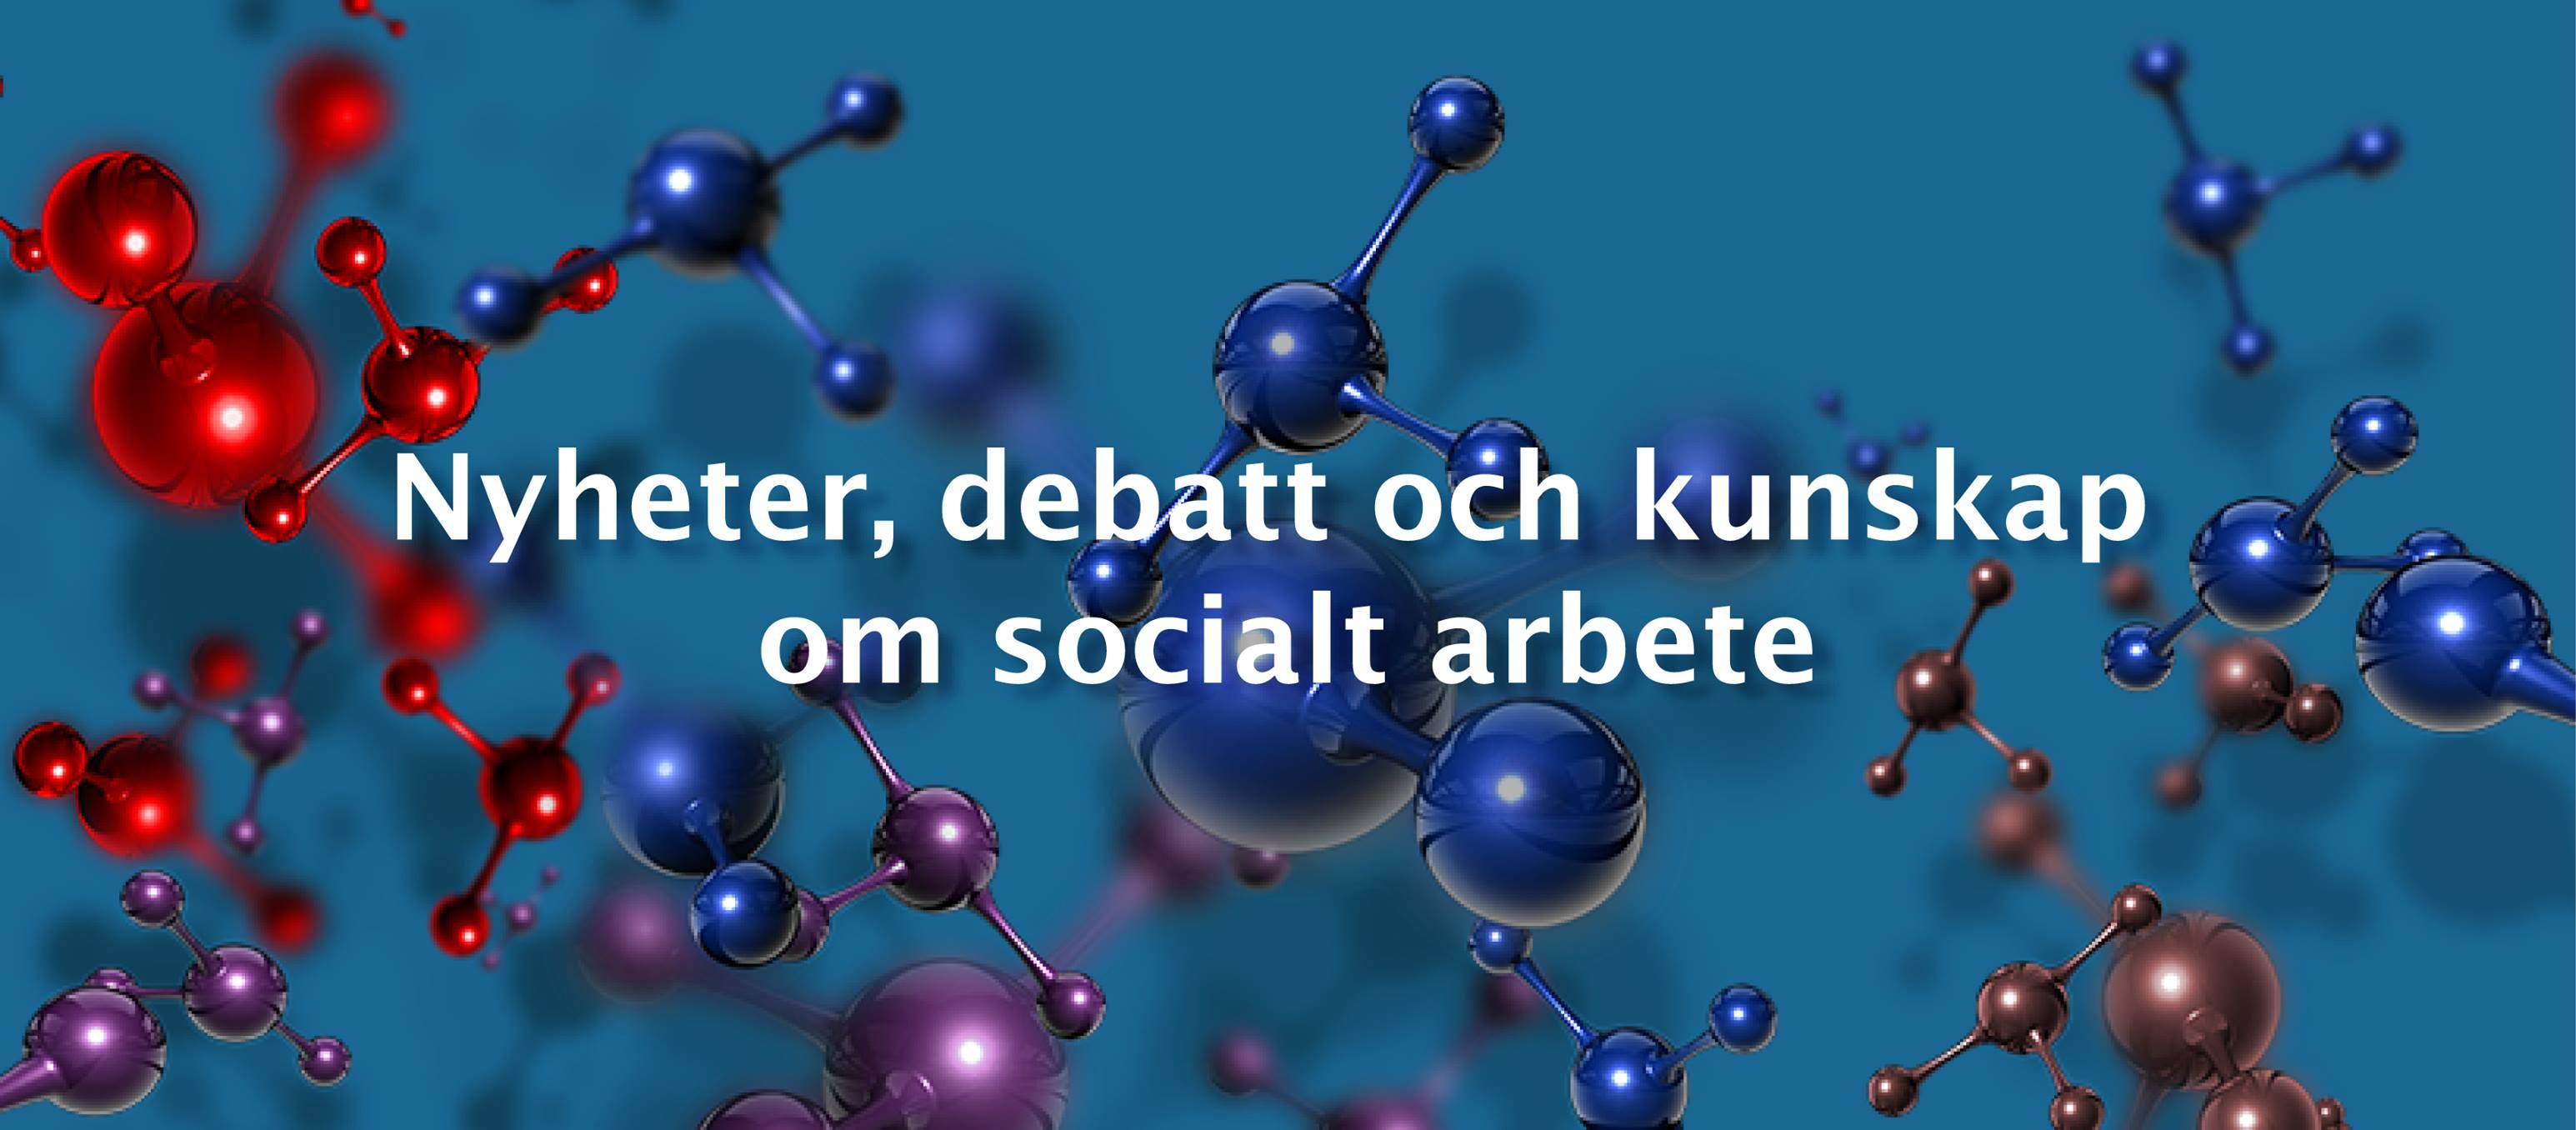 Svenska foraldrar har miljardskuld for underhall